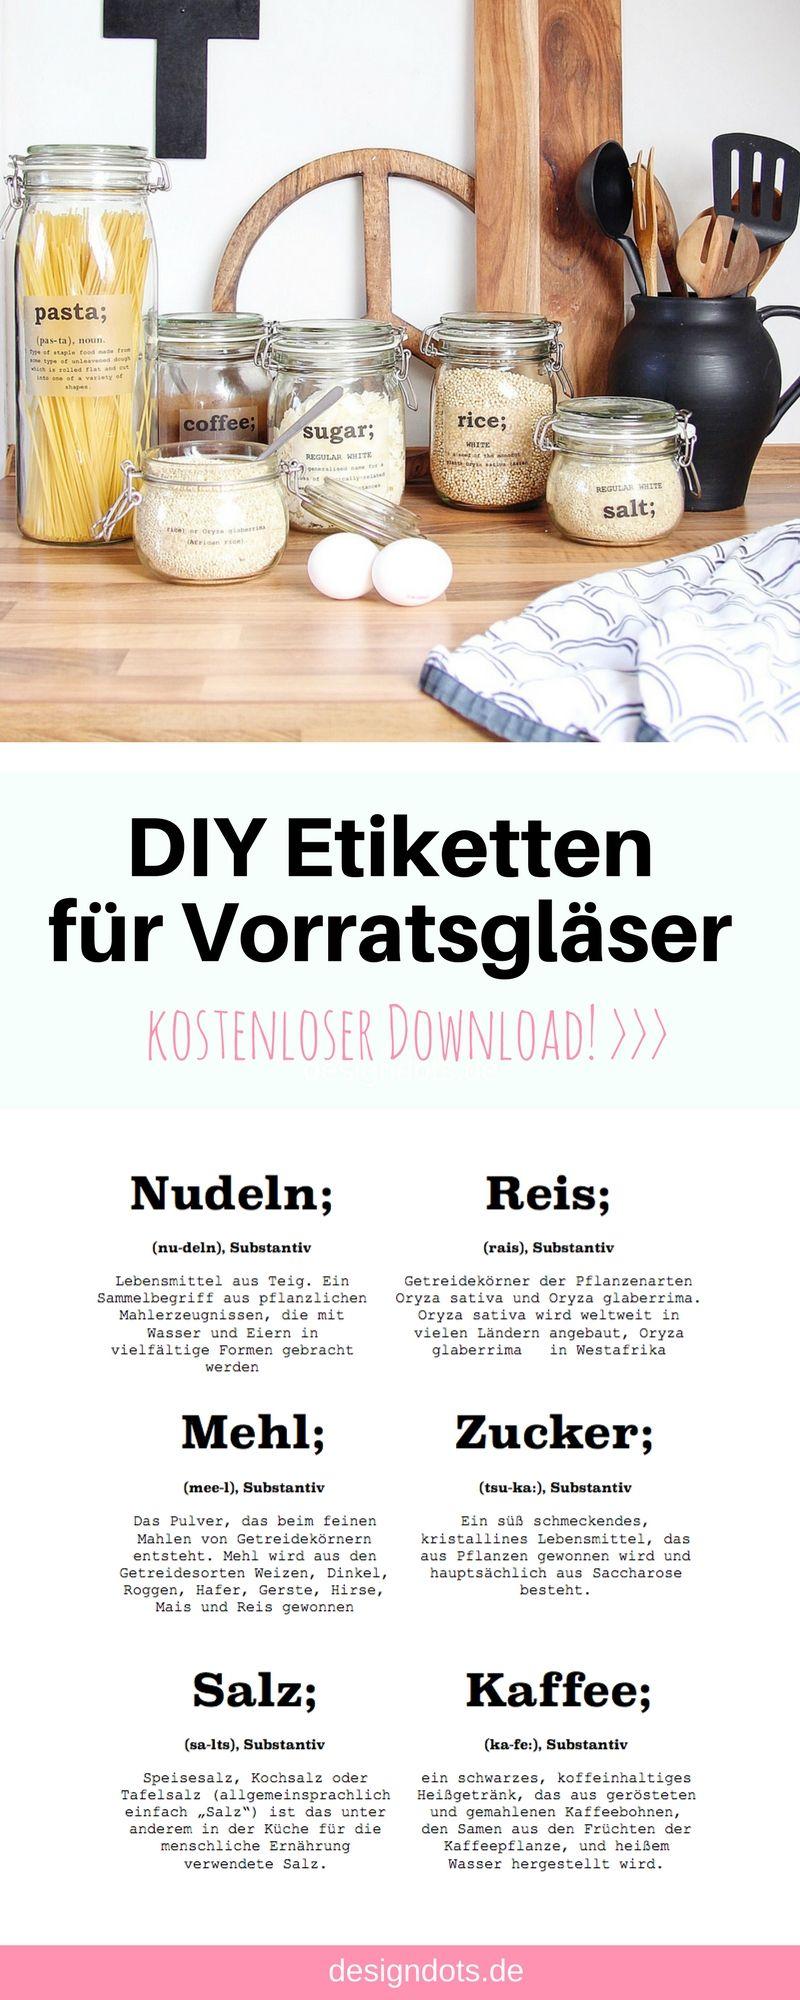 Diy Etiketten Fur Vorratsglaser Zum Ausdrucken Kuchen Diy